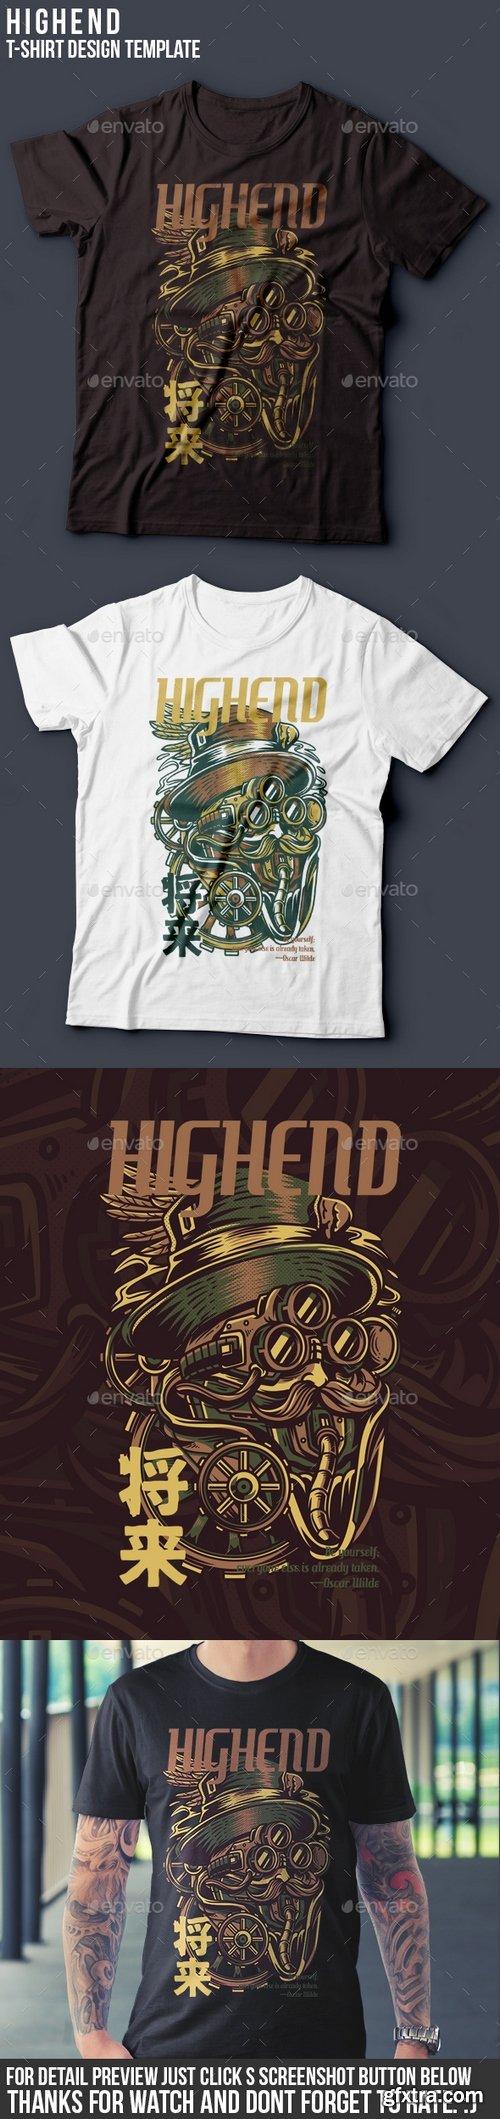 Graphicriver - Highend T-Shirt Design 22061797